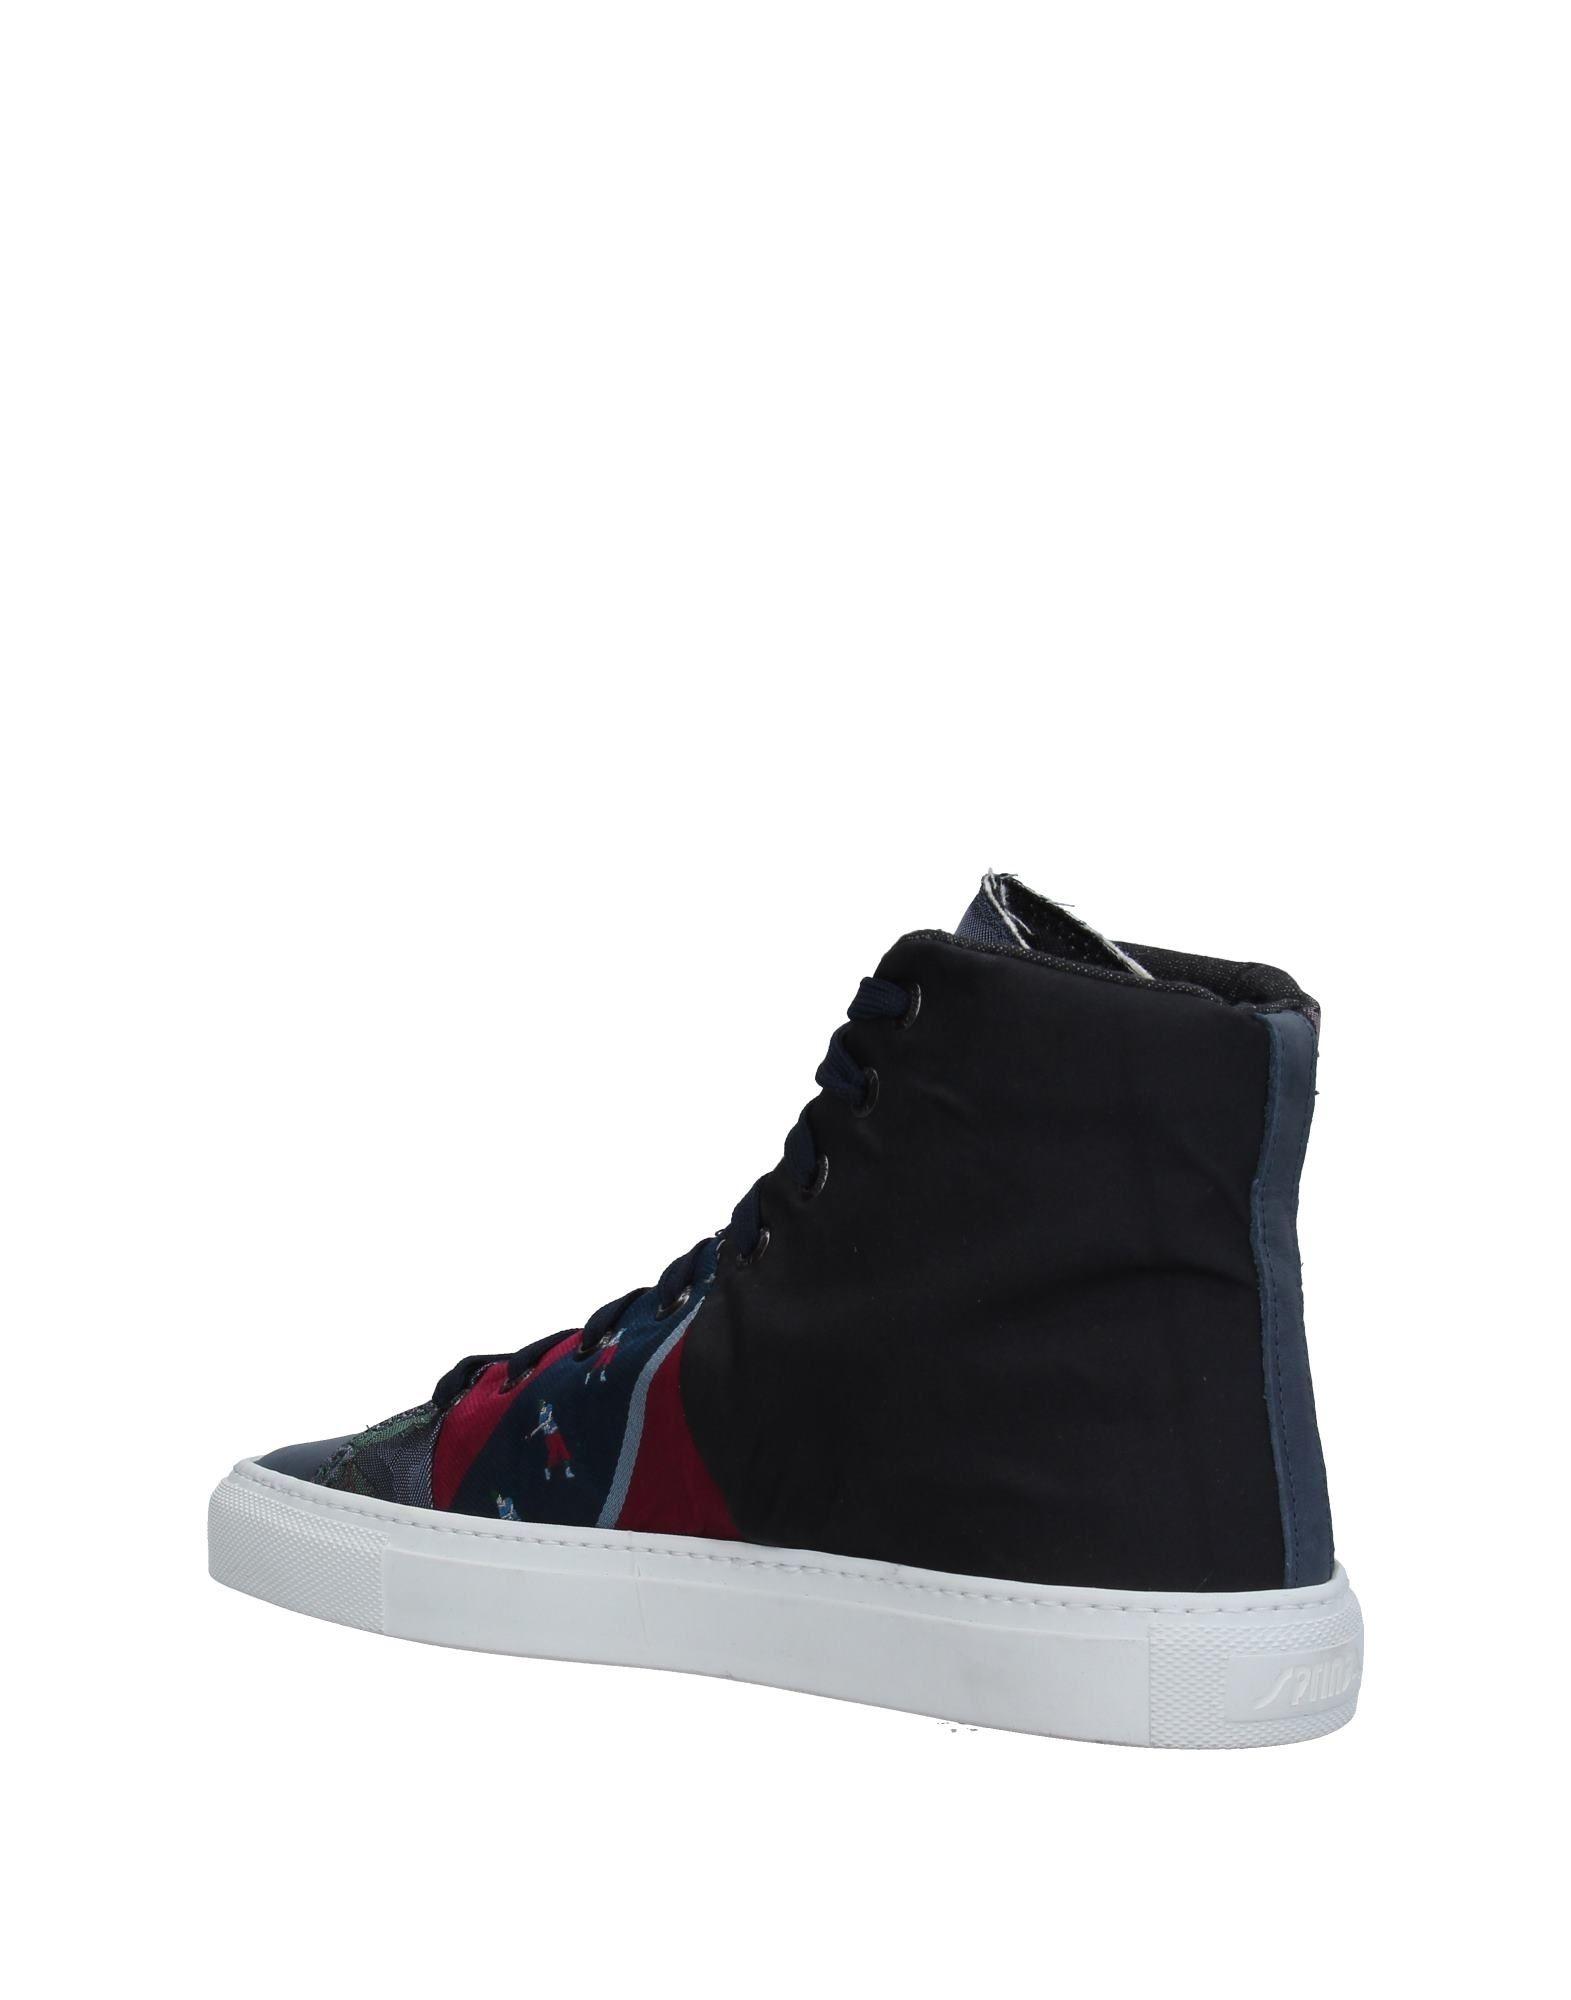 Springa Heiße Sneakers Herren  11329322XU Heiße Springa Schuhe d3f5b1